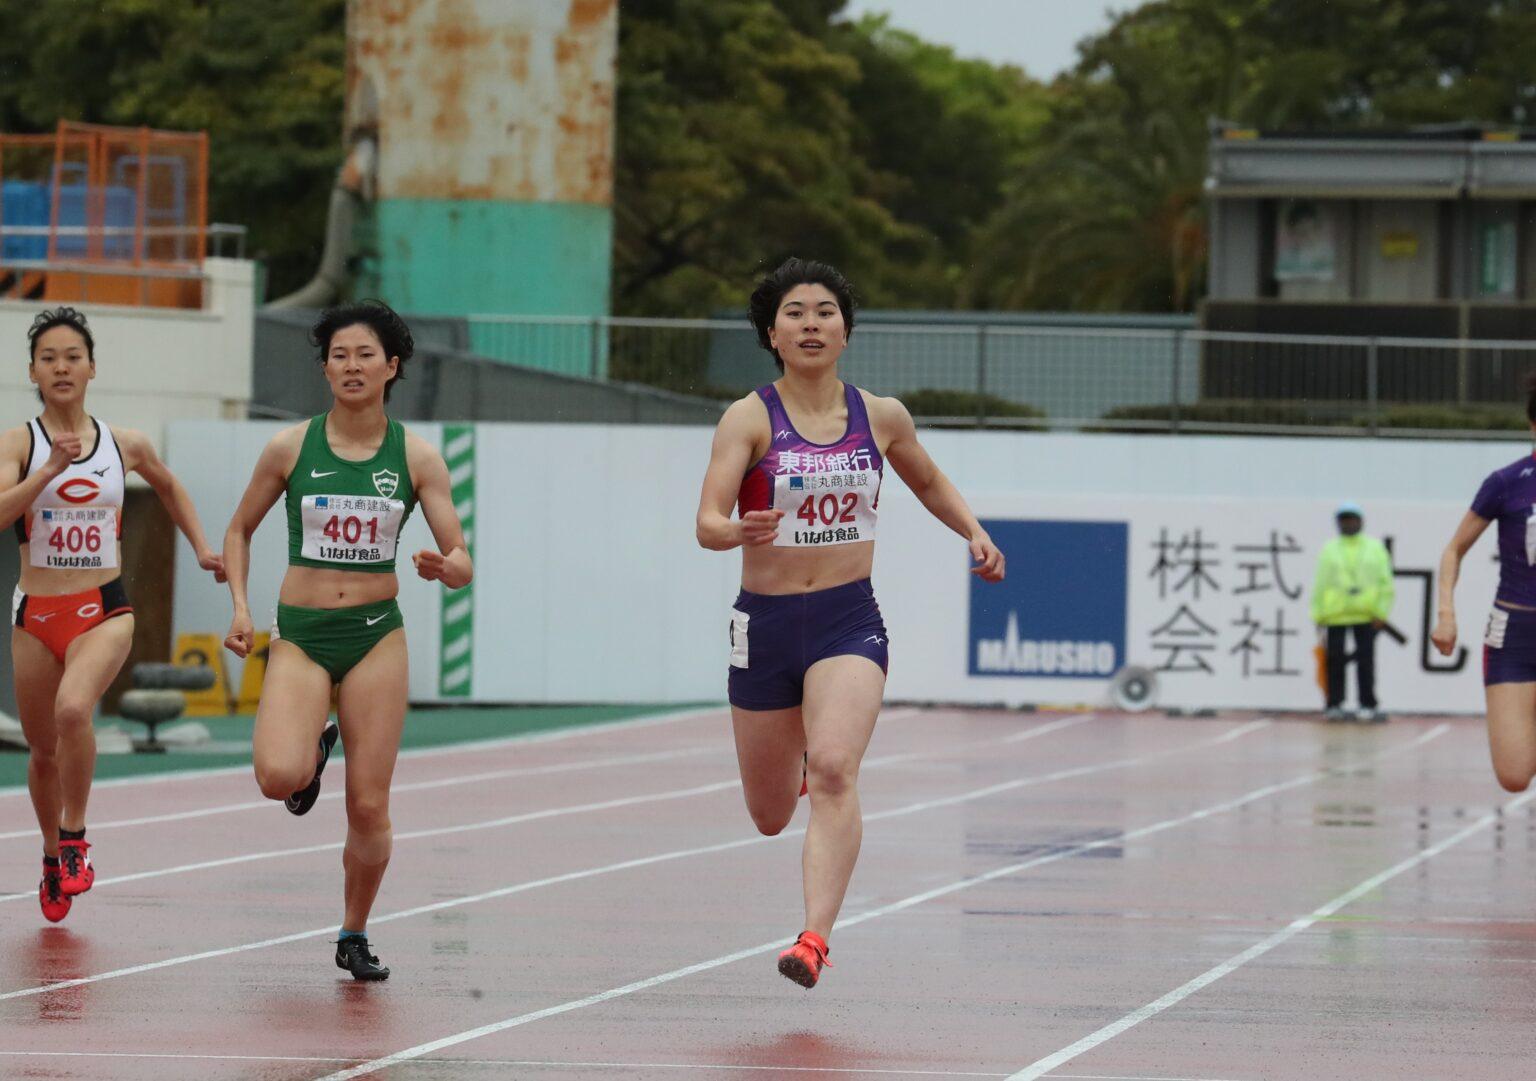 女子4×400mRは予選敗退 世界リレーでの東京五輪出場権獲得ならず